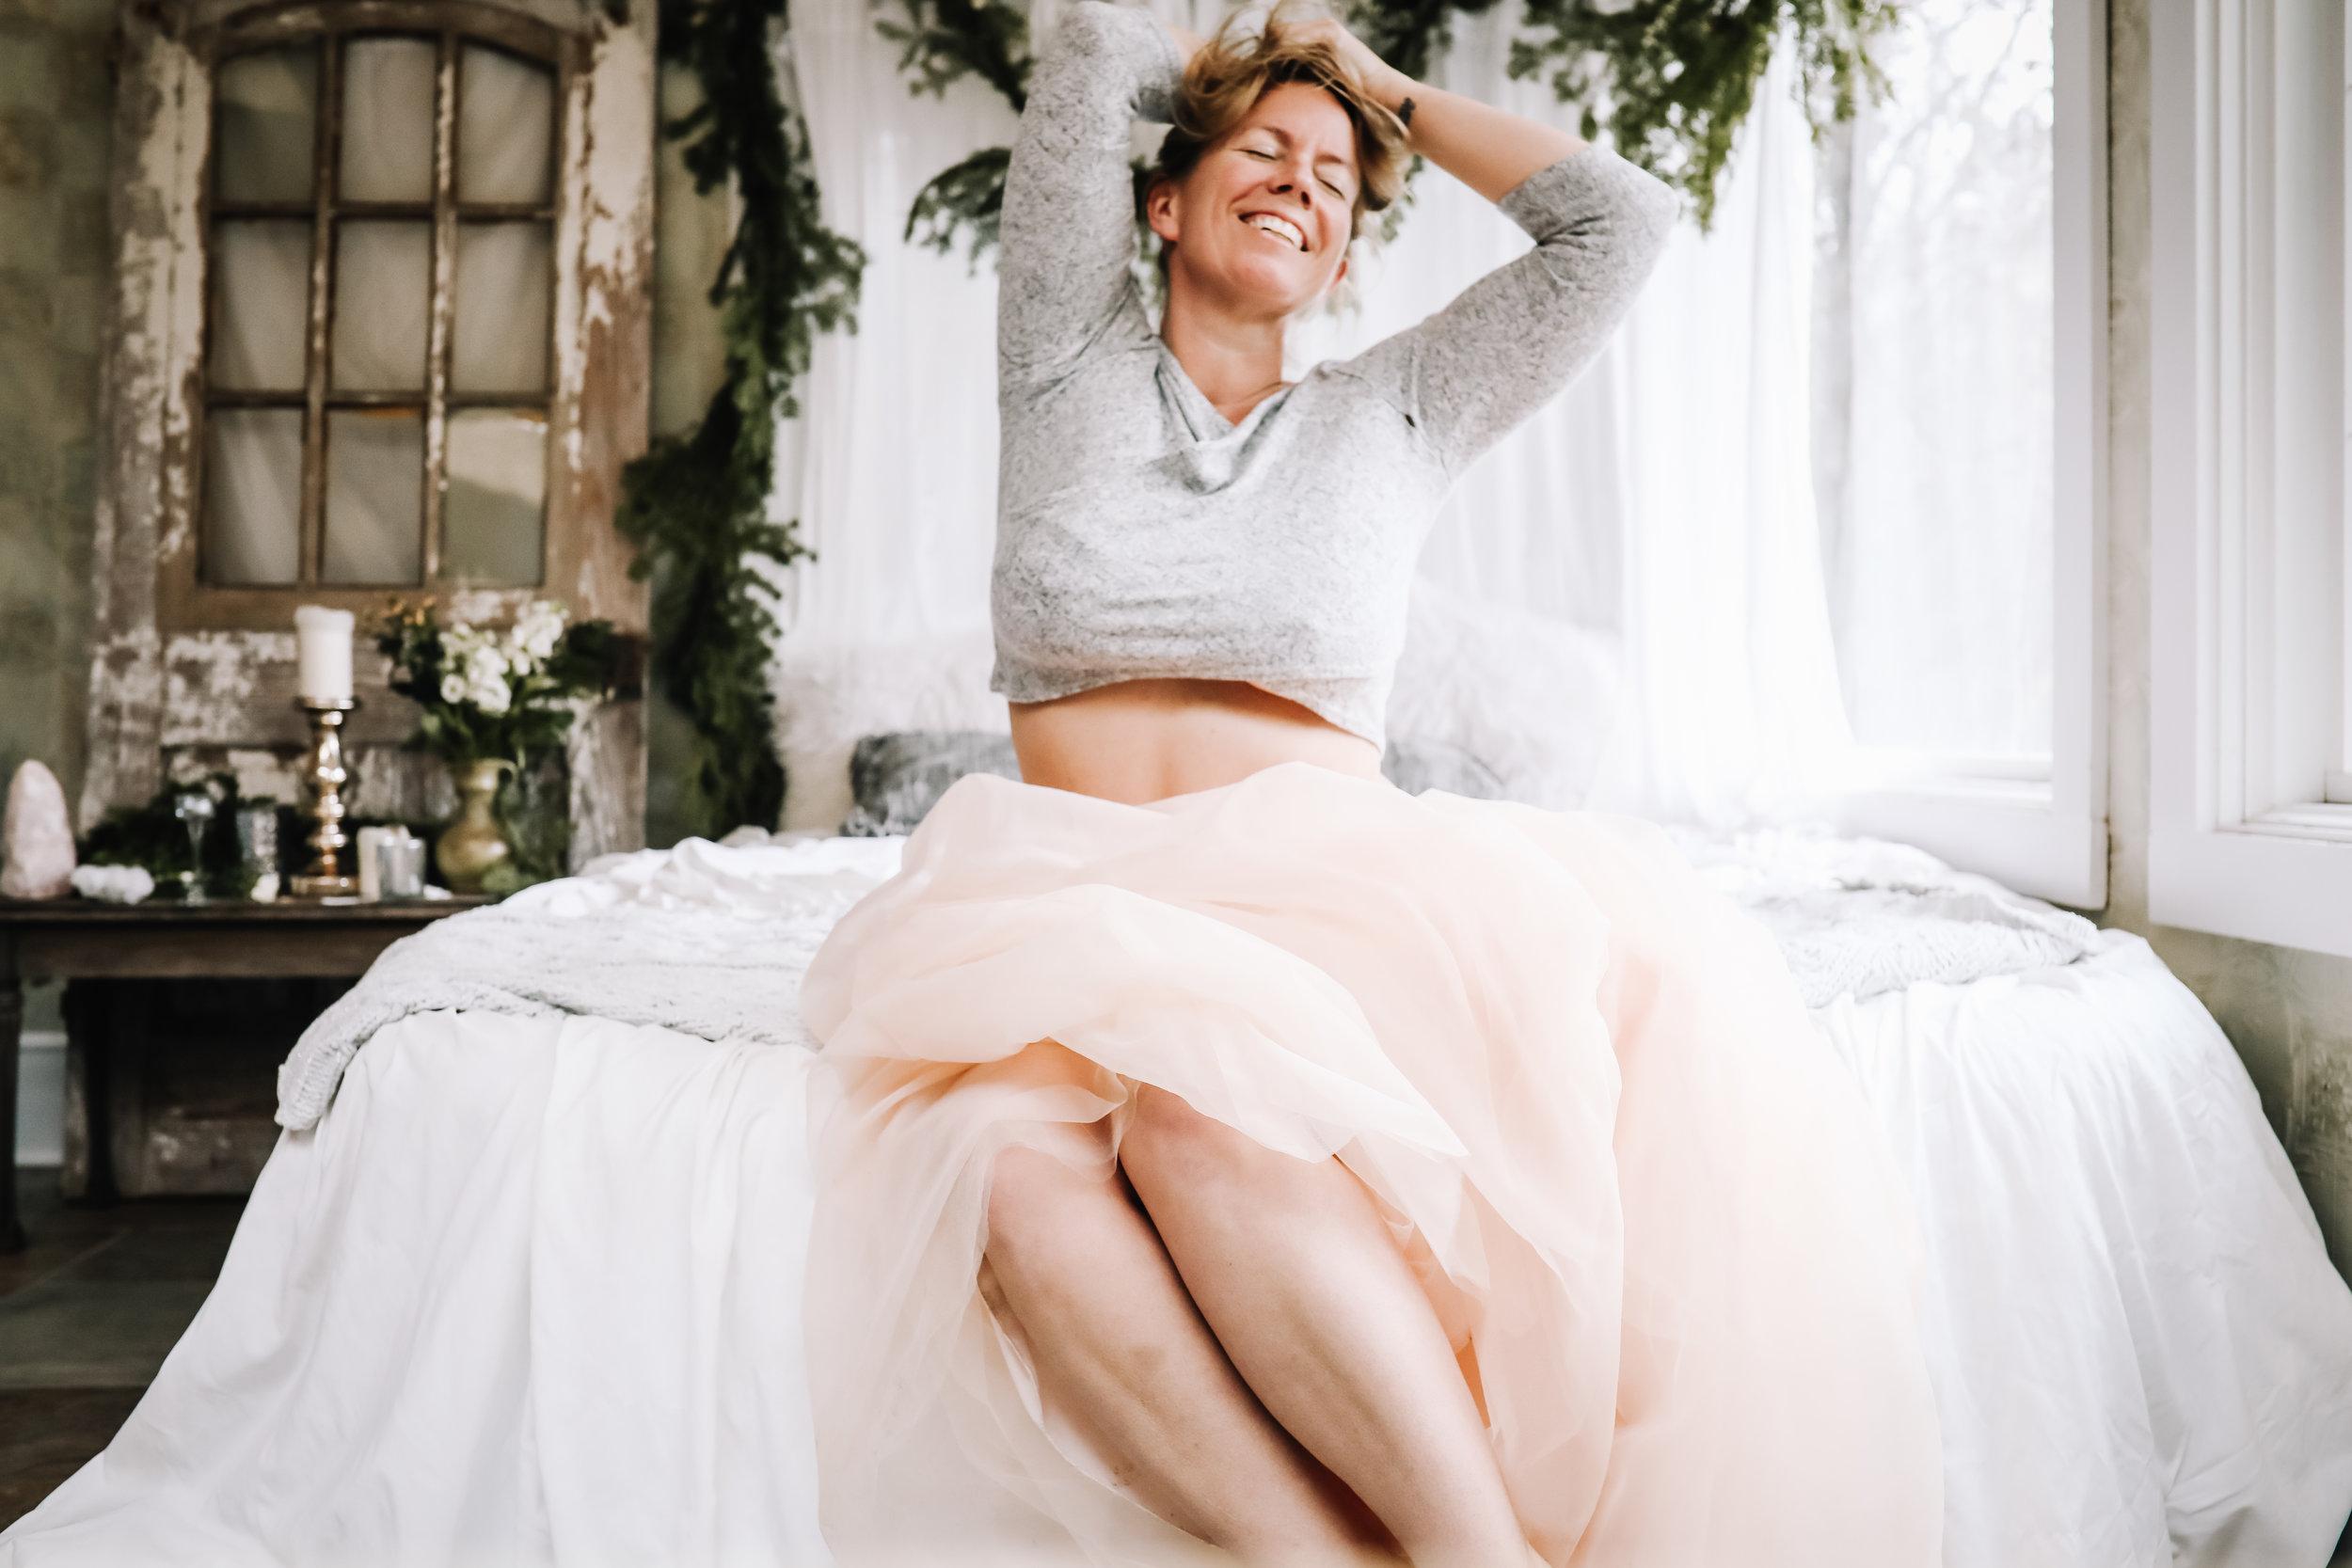 boudoir pose.jpg